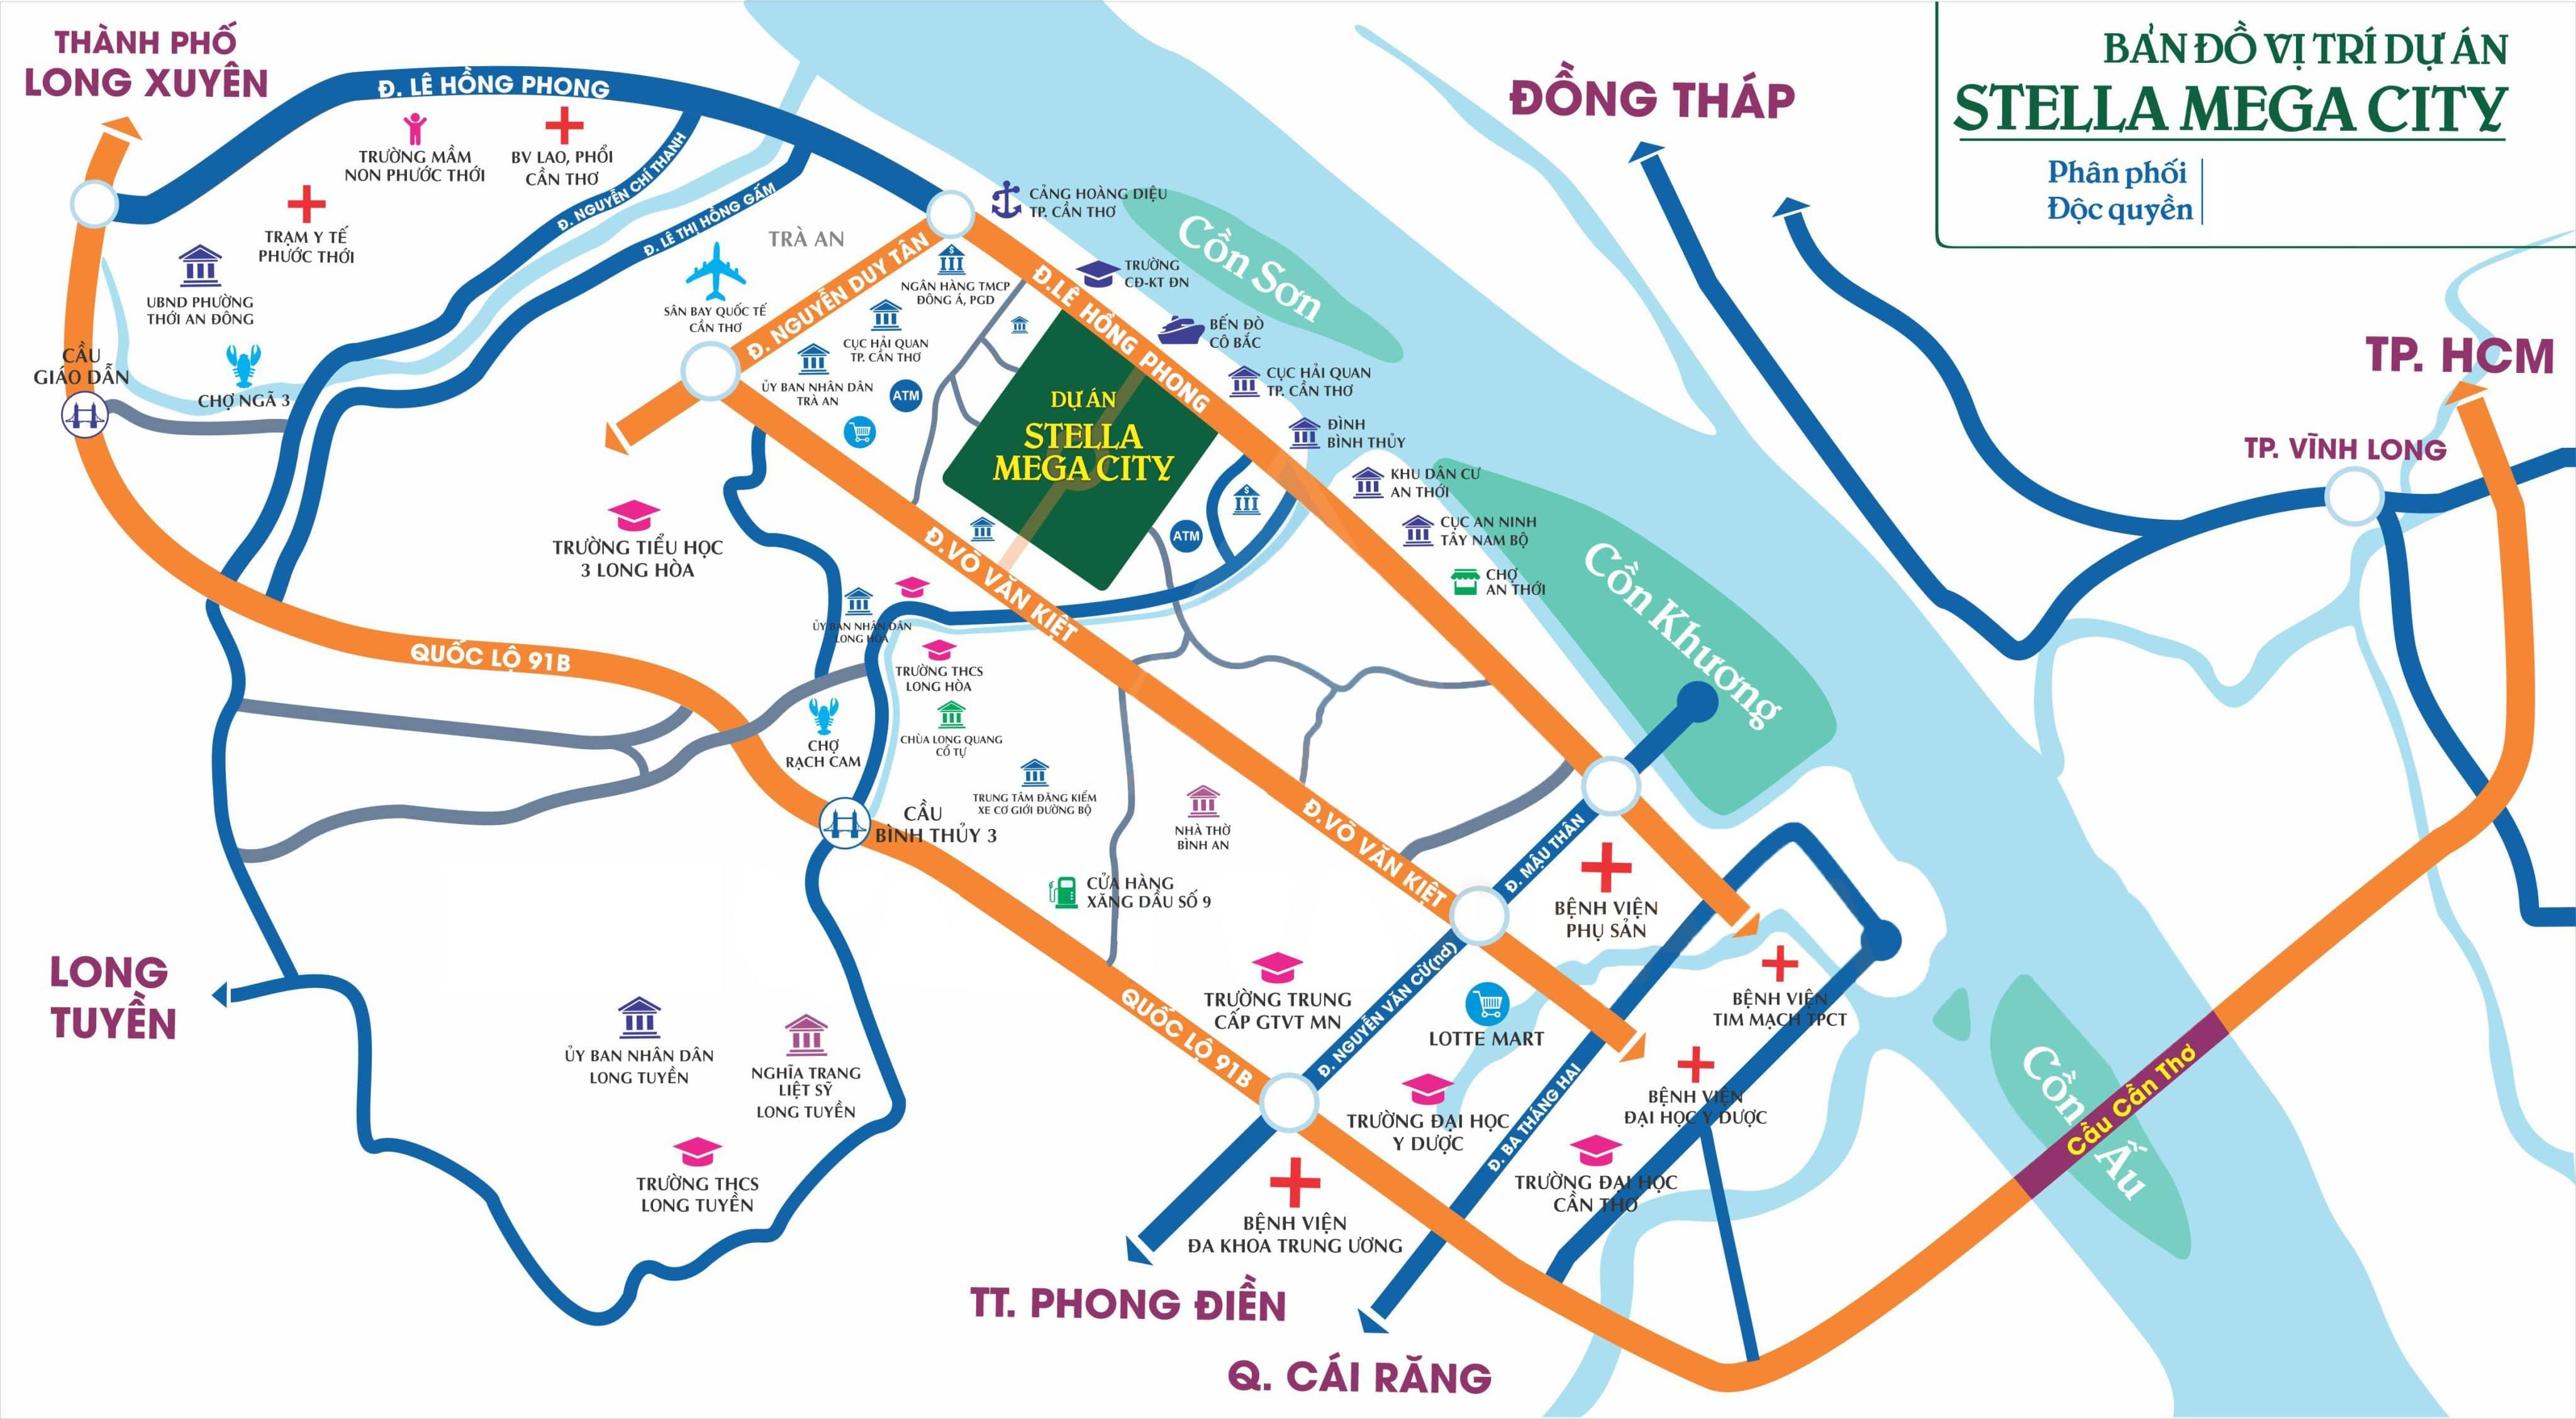 Vị trí Trung tâm đắc địa, minh đường tụ thủy Dự án Stella Mega City